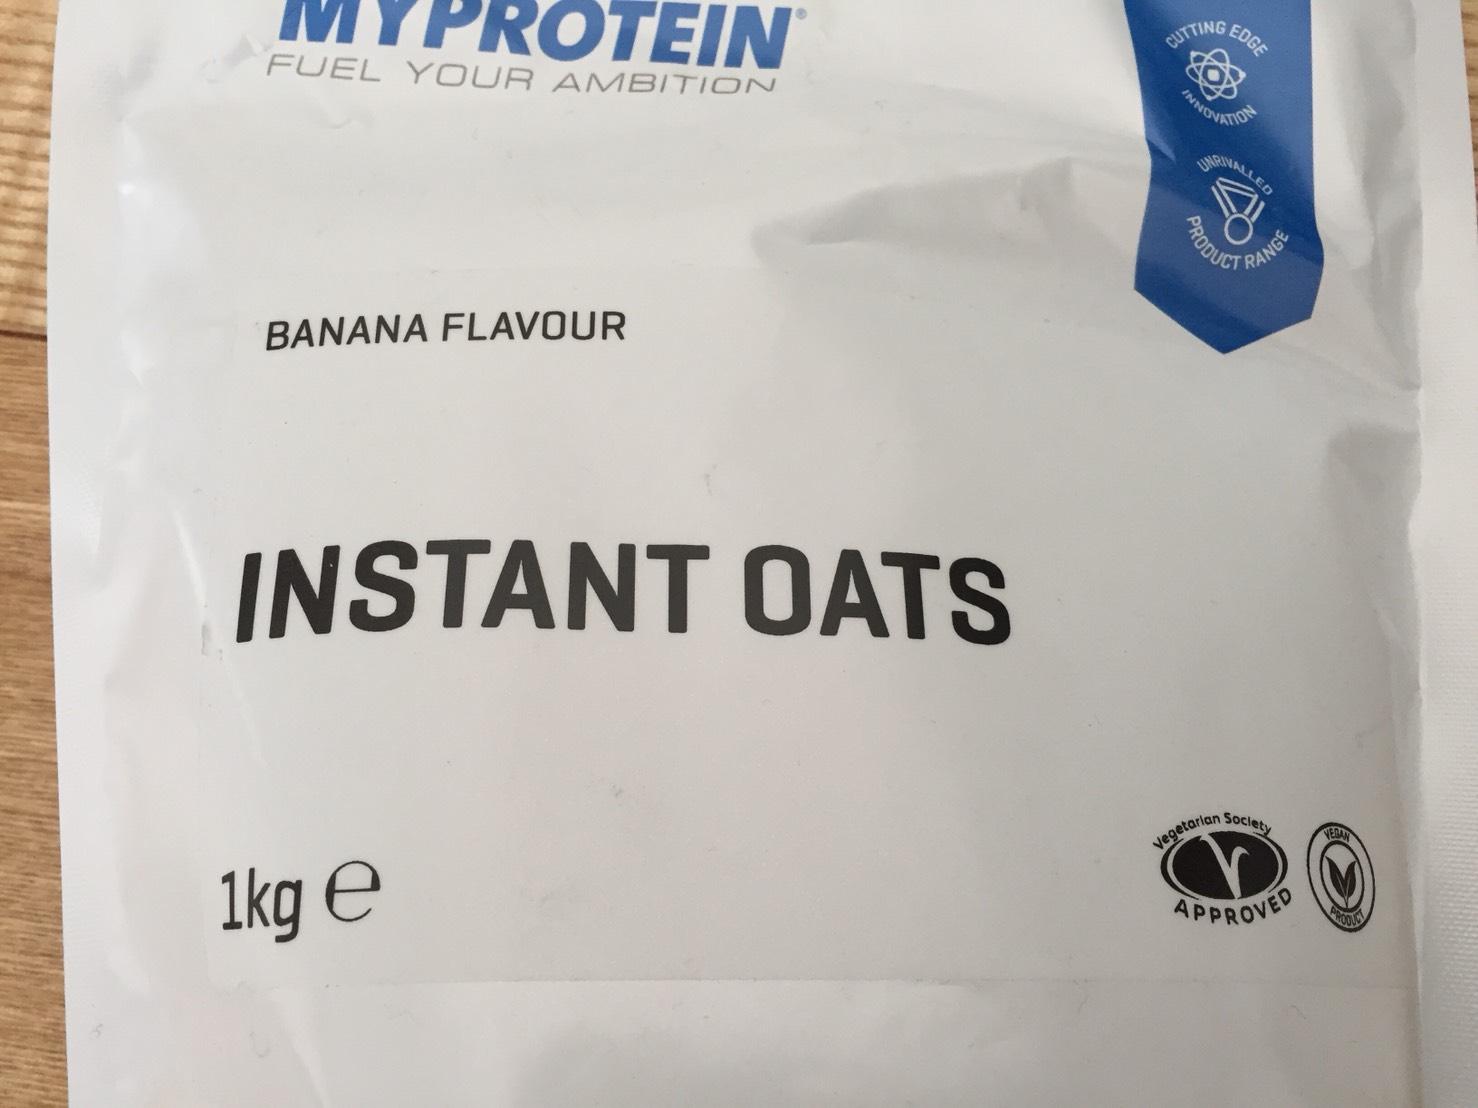 INSTANT OATS(インスタントオーツ)BANANA FLAVOUR(バナナ味)の成分表